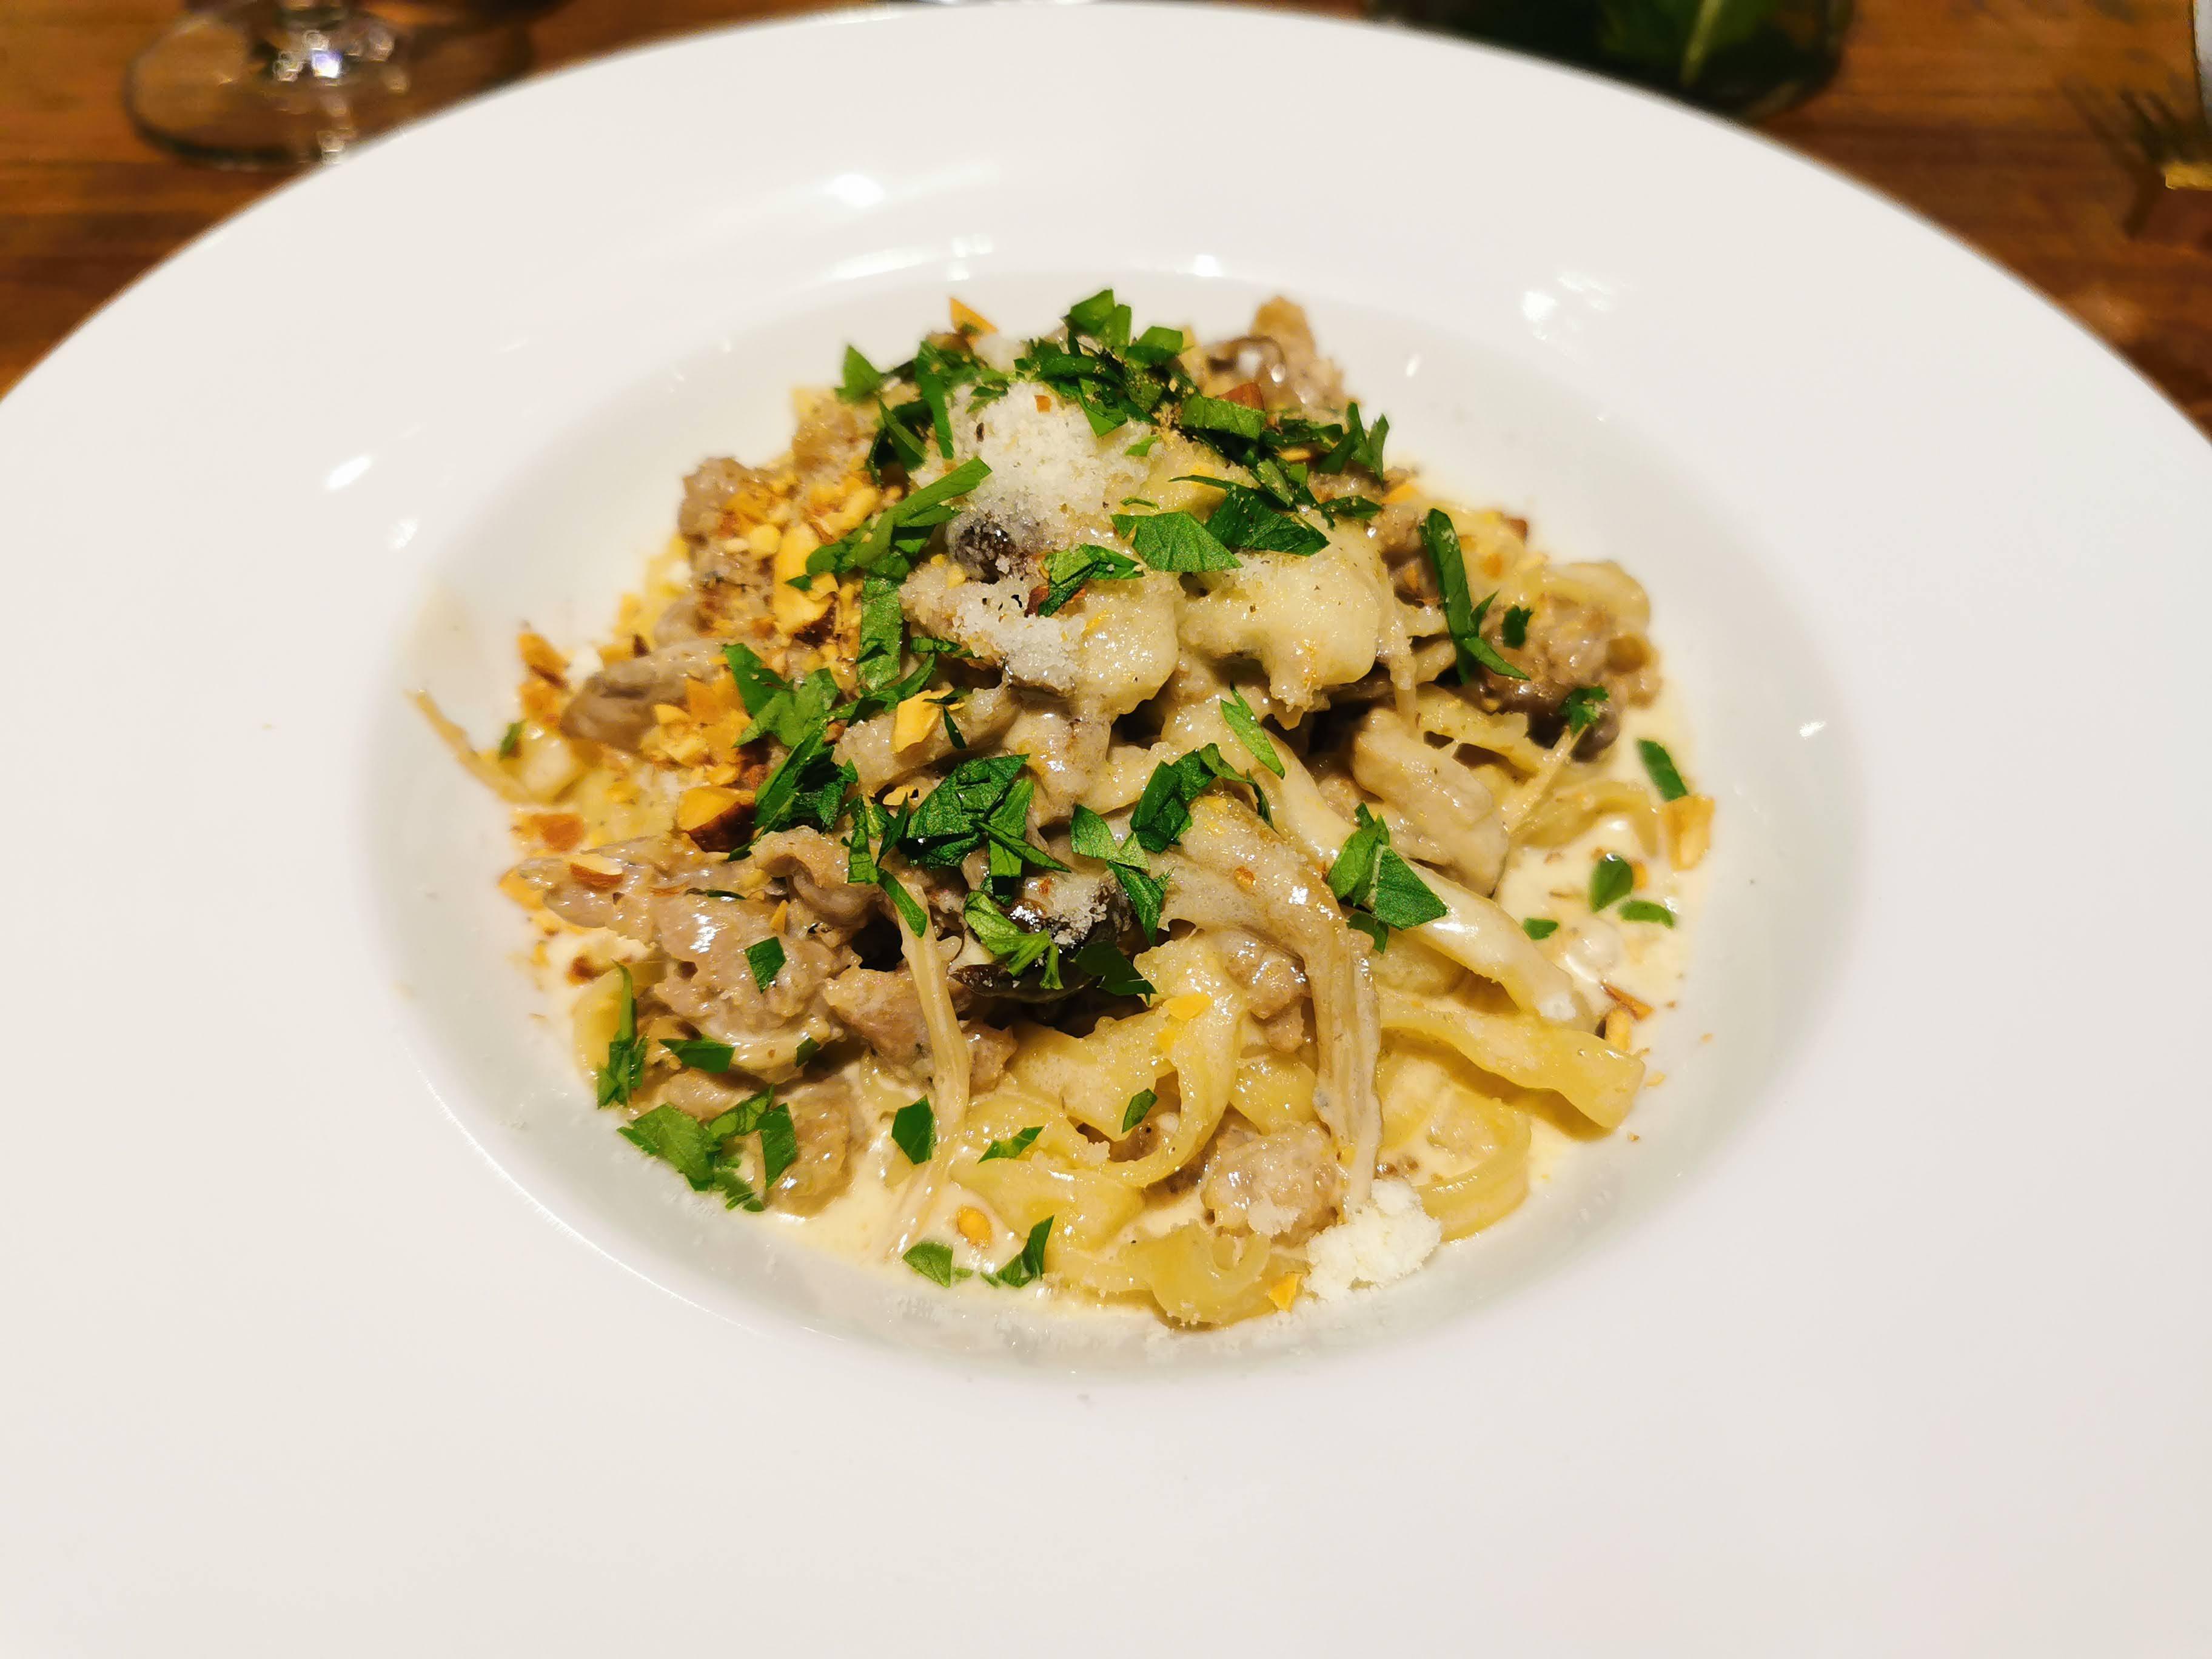 【北鎌倉】タケル クインディチ@美味なお料理たちに大満足!街並みに溶け込む、大人気古民家イタリアン。